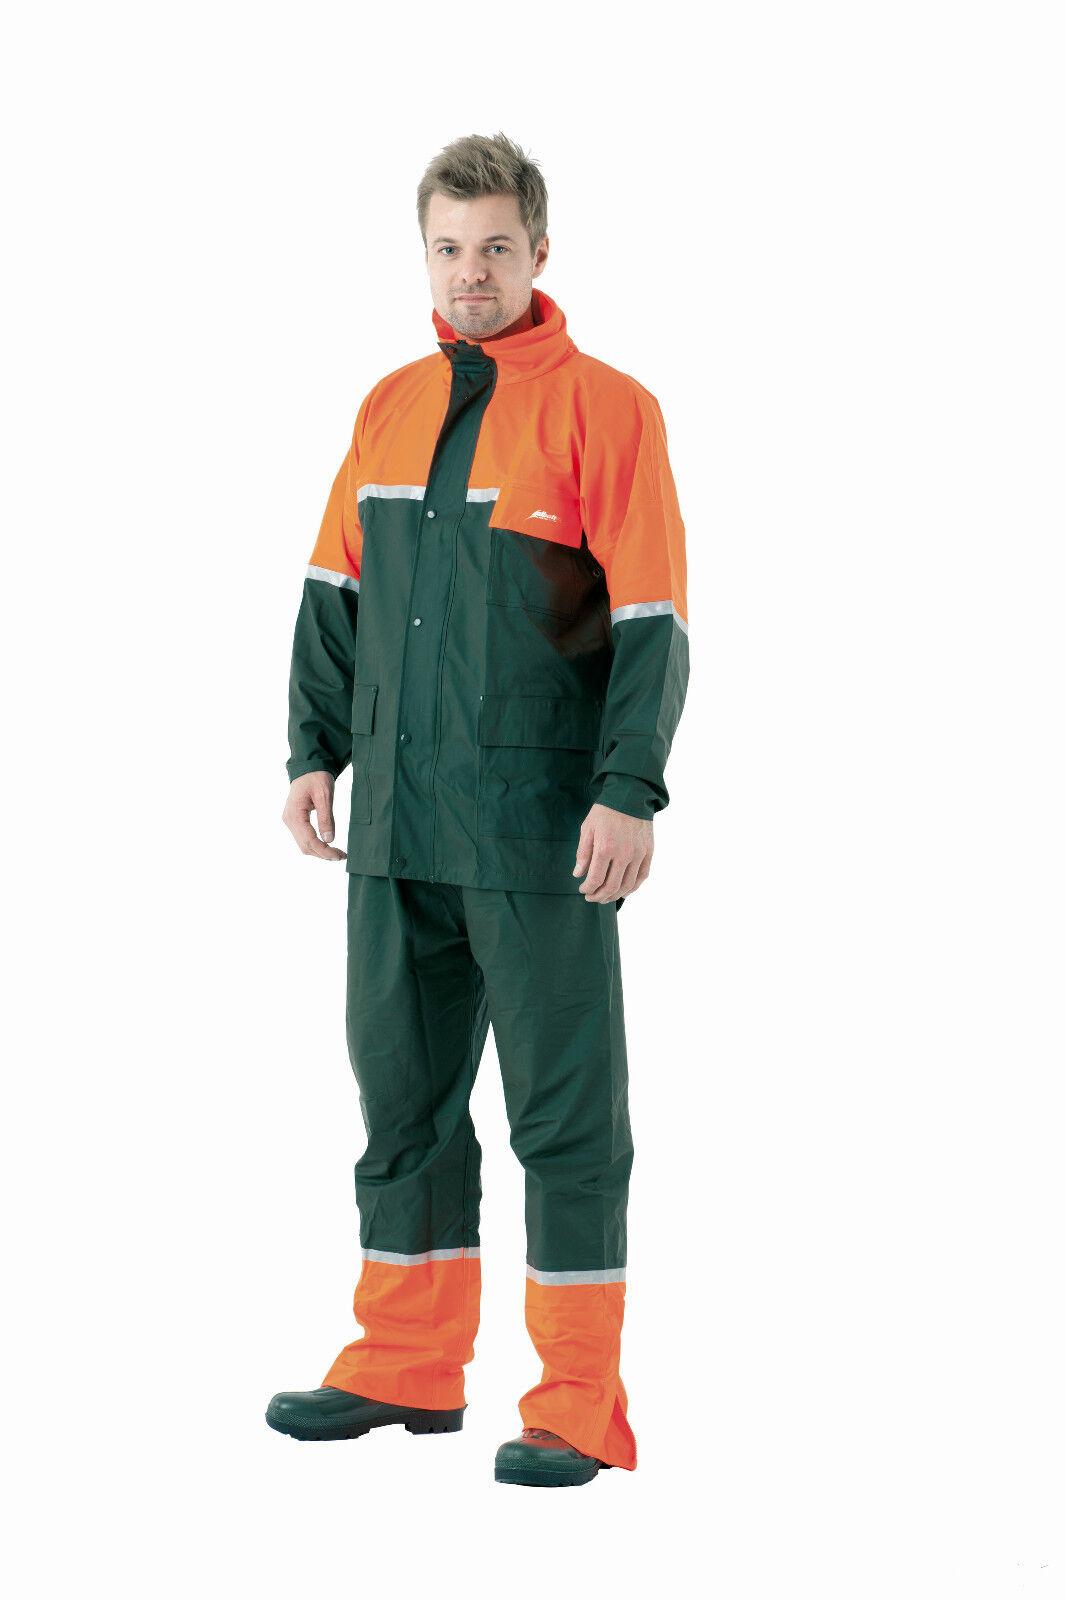 ALBATROS Stretch-Regenjacke Stretch-Regenjacke Stretch-Regenjacke 274620 grün-Orange PU Jacke Jagdjacke Treiberjacke 3d5bfb